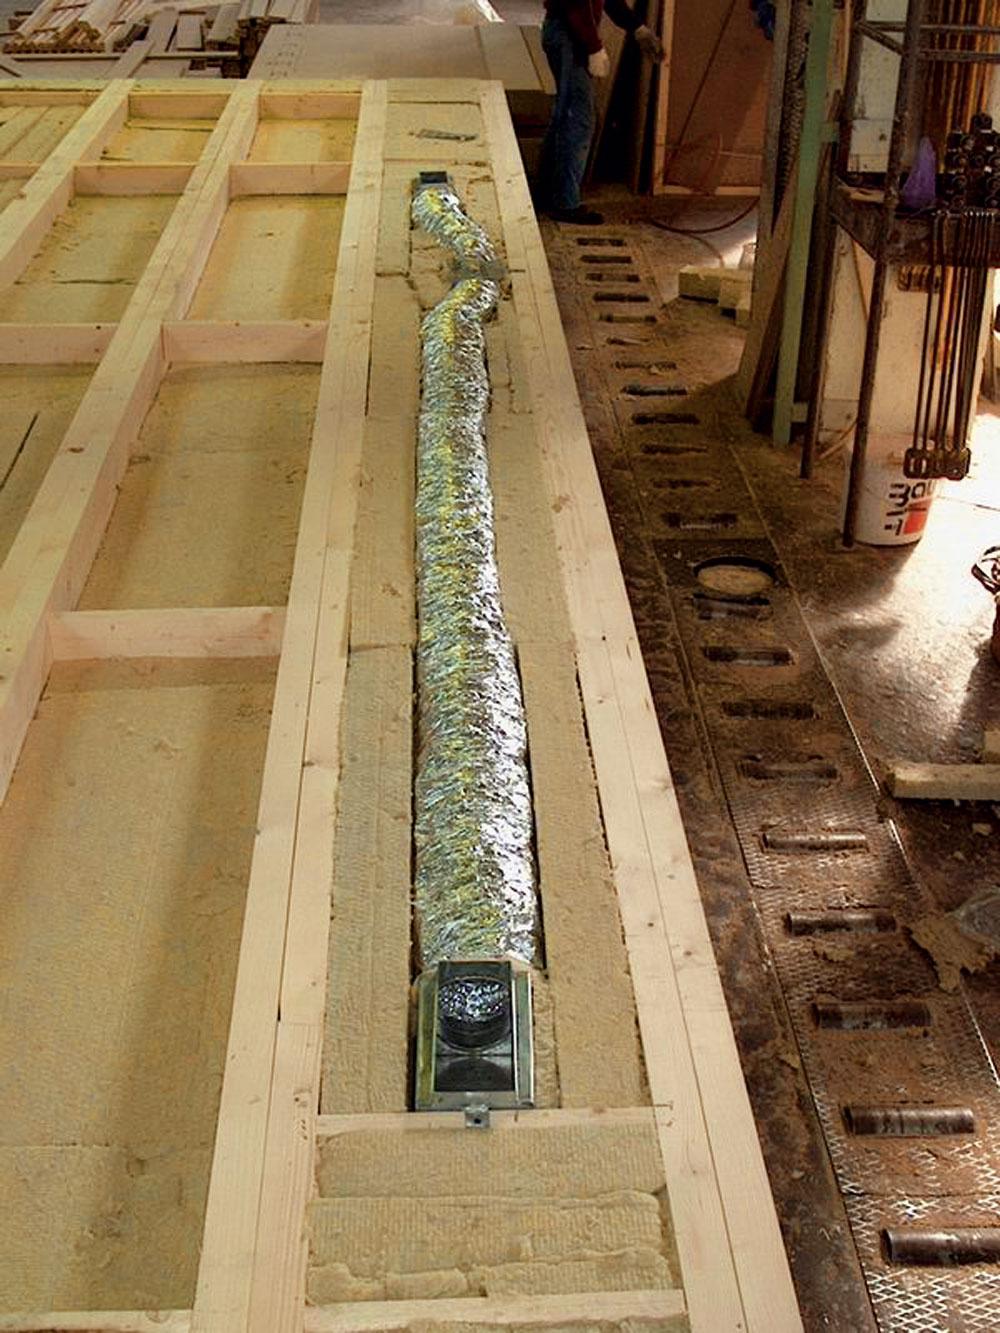 Vprípade drevostavieb možno namontovať vzduchotechnické rozvody do konštrukcií stropov astien už počas dielenskej prípravy.